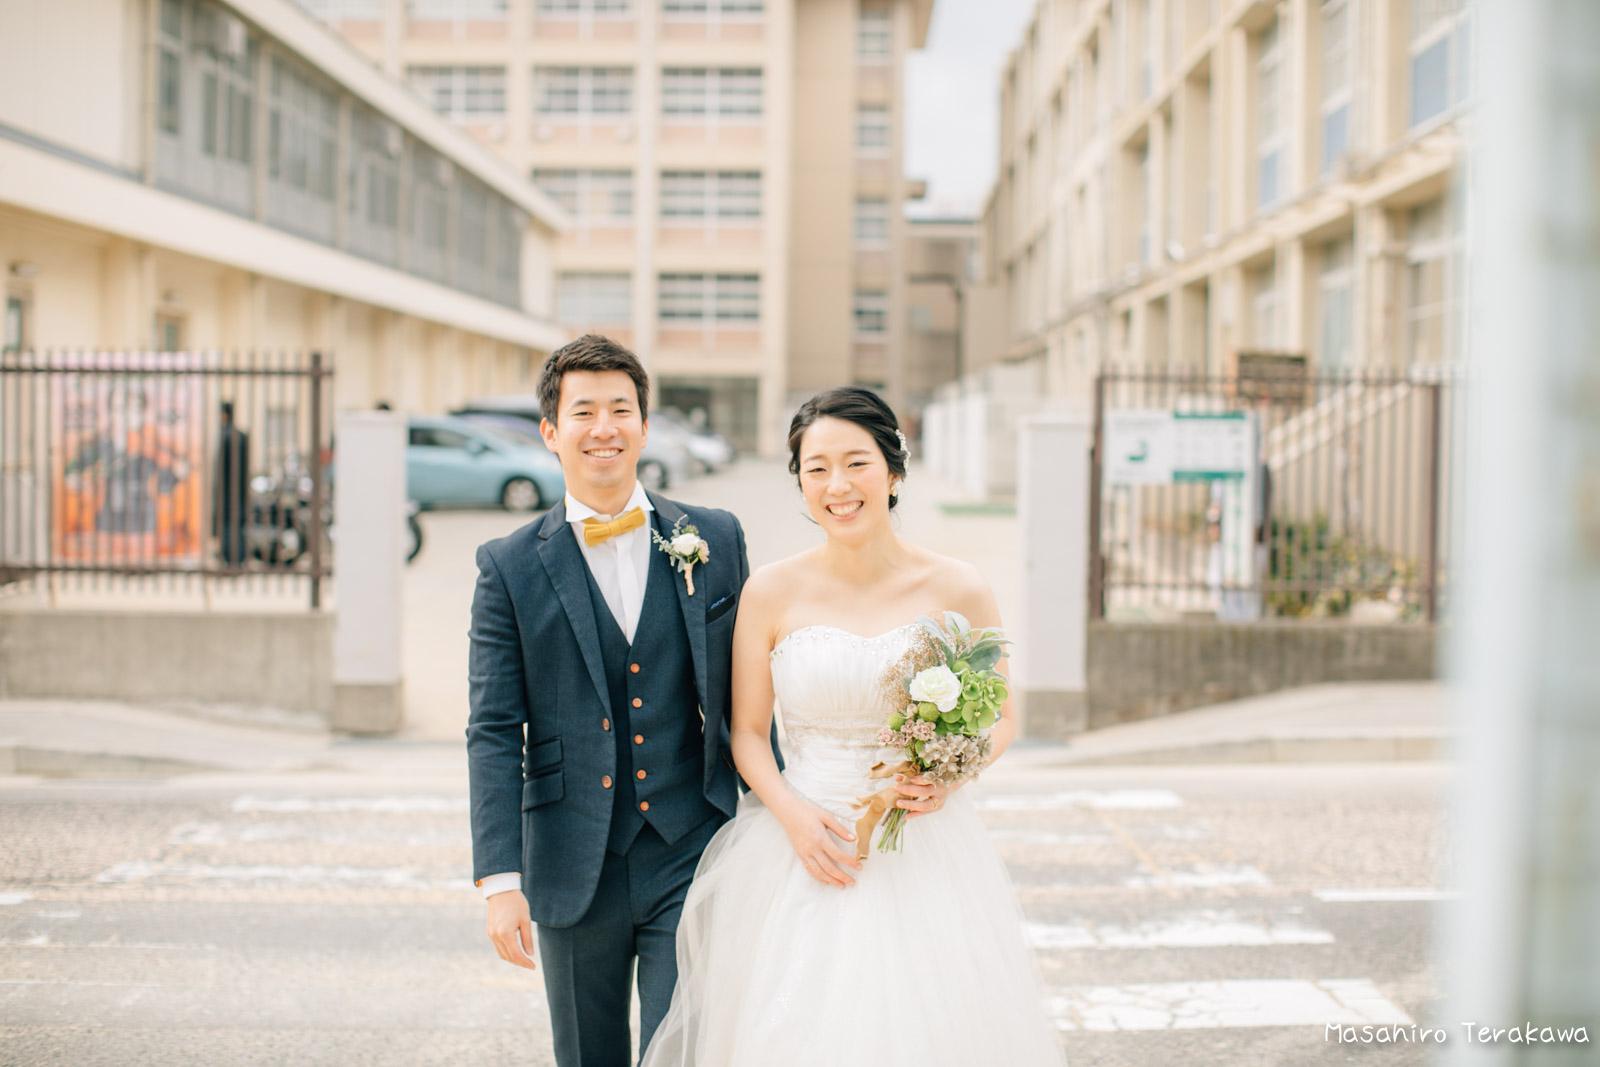 神戸の学校(母校)にて結婚式前撮り8